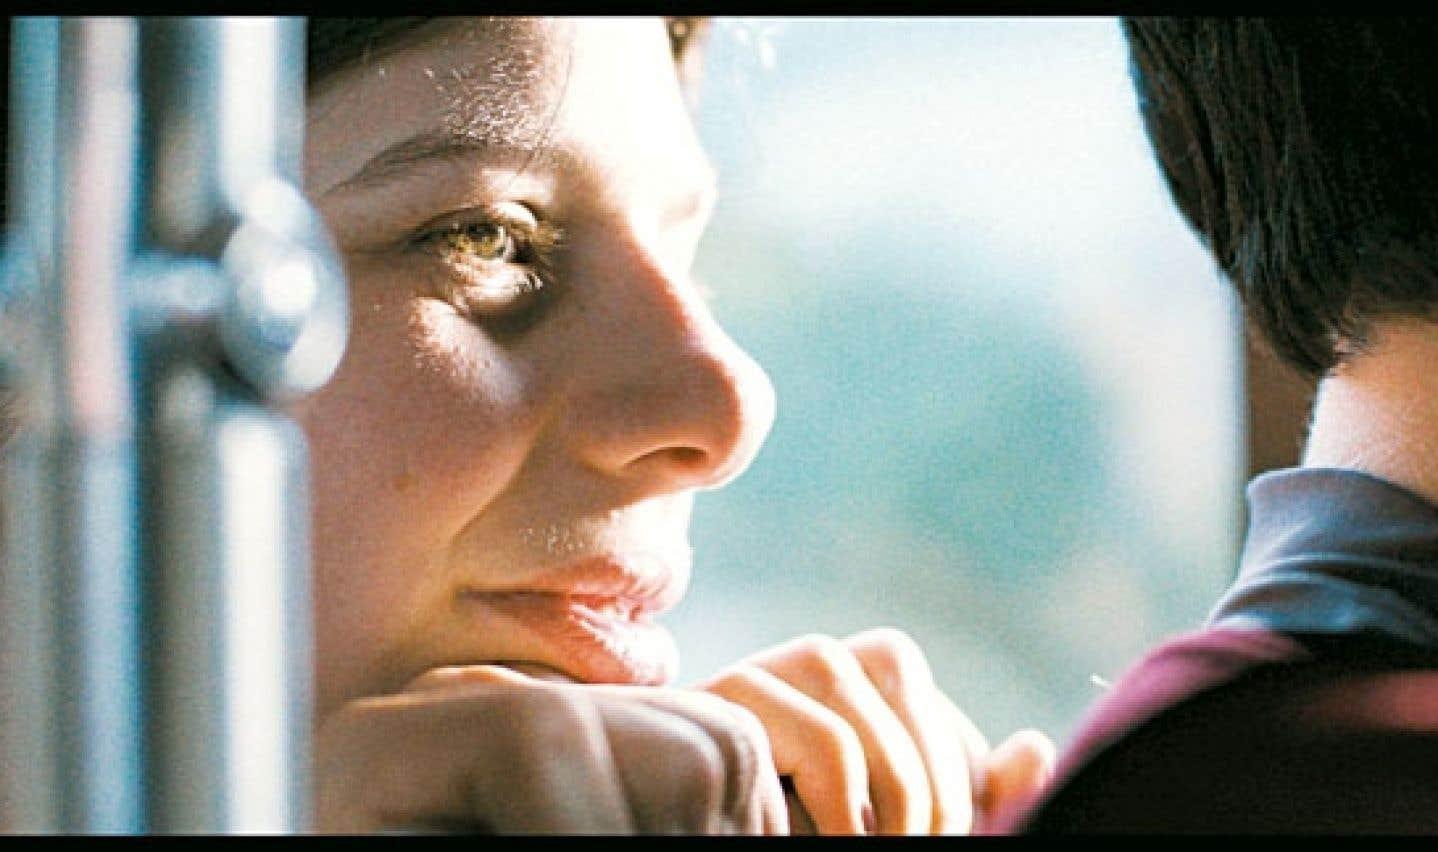 Le syndrome de Williams dont est atteinte Gabrielle Marion-Rivard en faisait un choix risqué, mais la lumière qui émane de l'attachante jeune femme éclaire le drame.